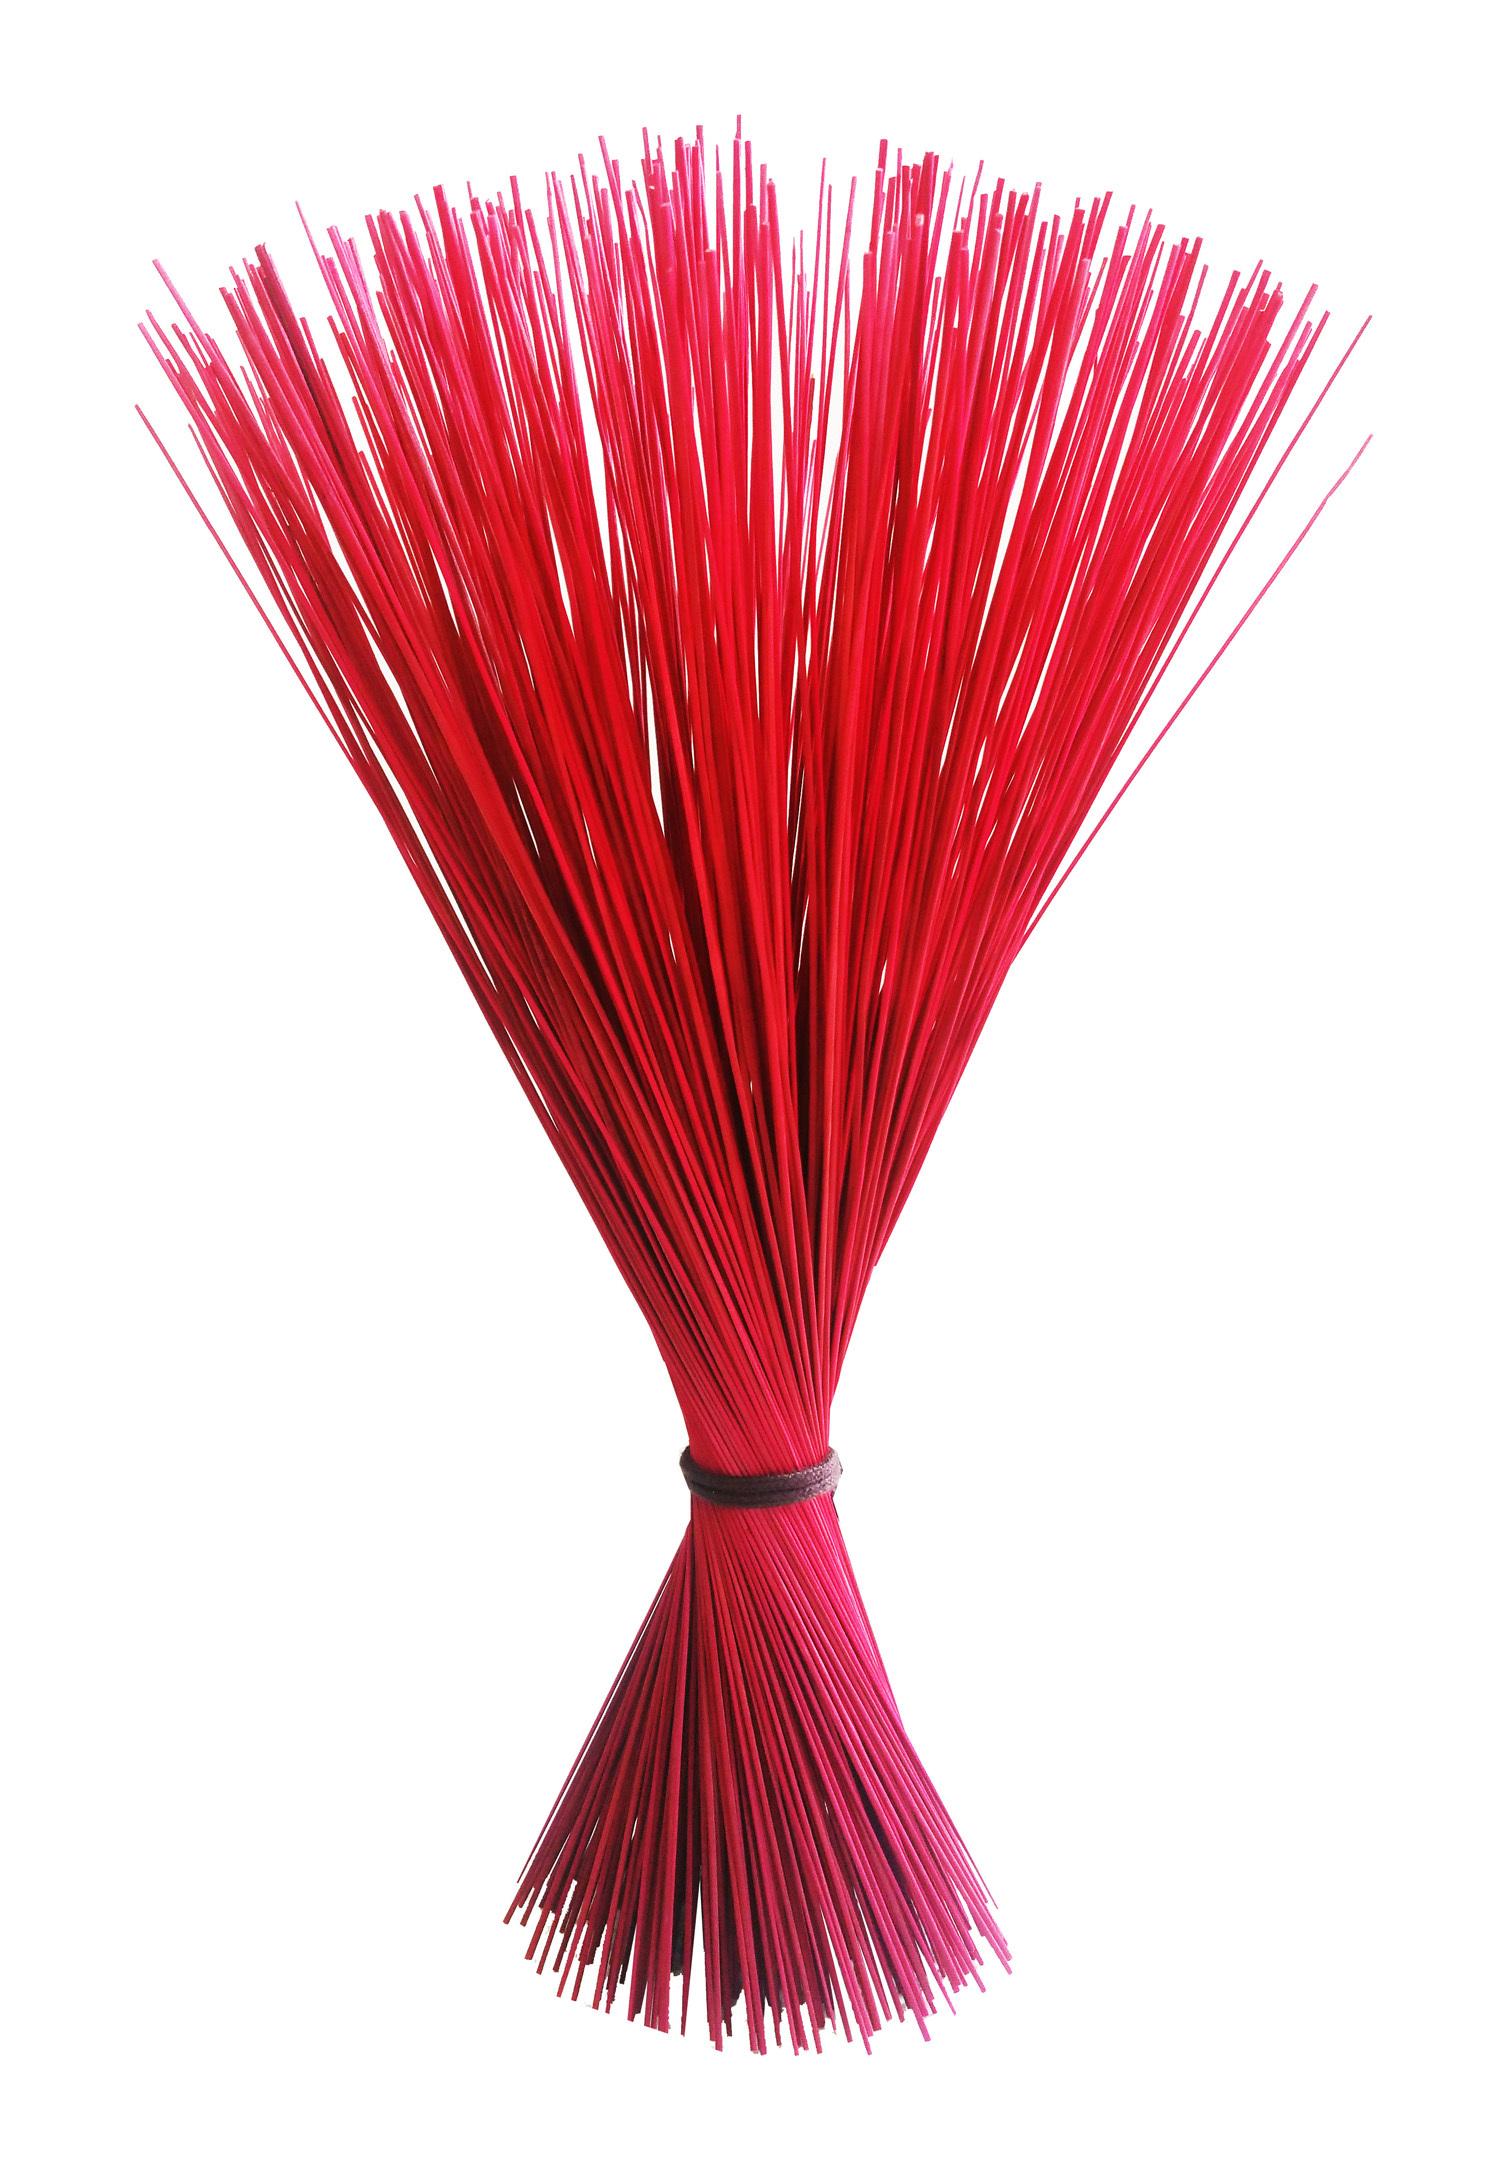 【イ草フラワー レッド】Rush Grass Flower RED 35cm